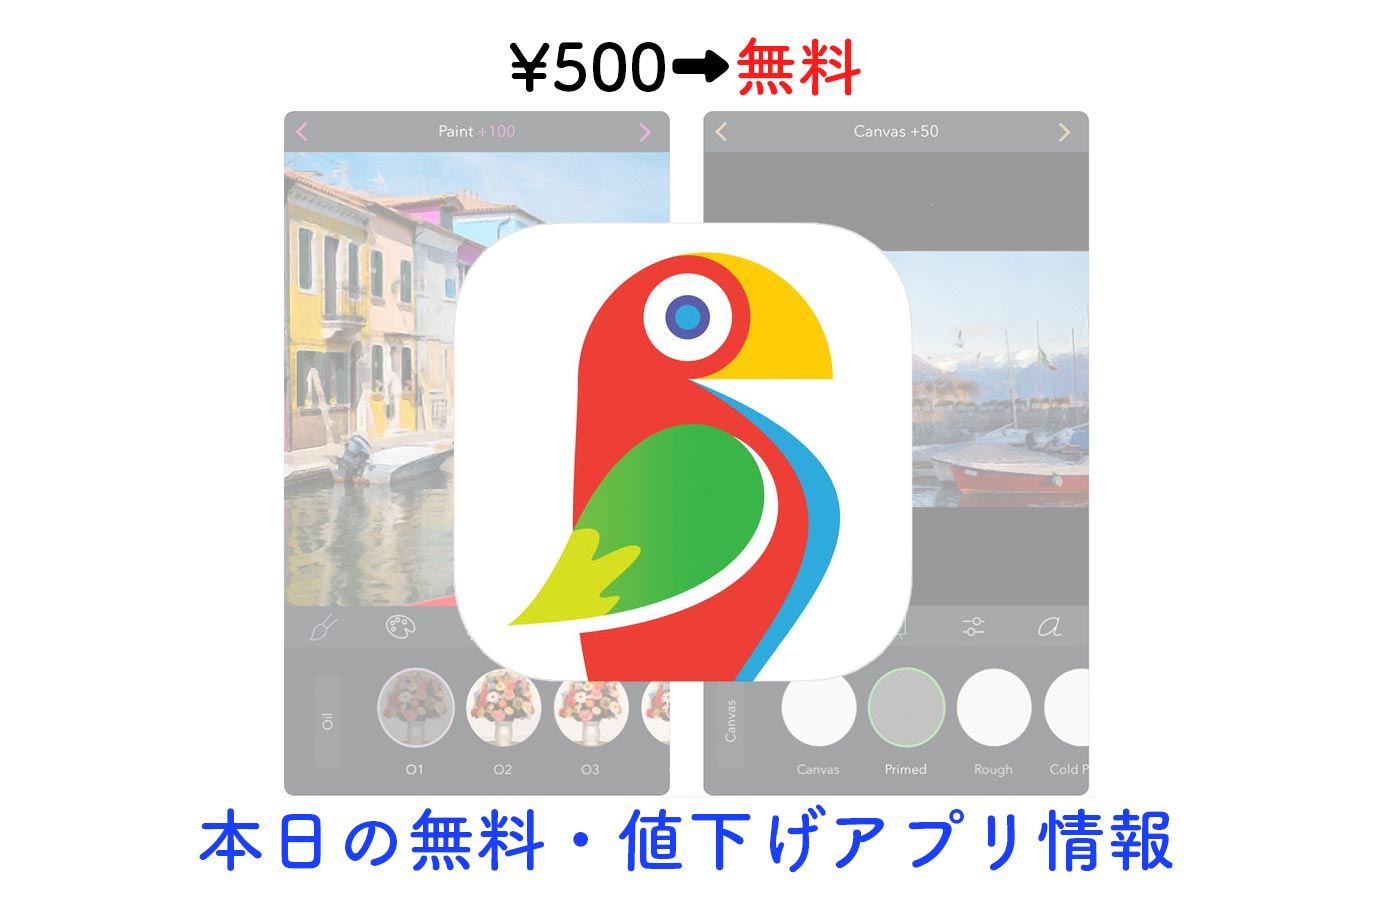 500円→無料、写真を絵画のように加工できる「Brushstroke」など【5/26】セールアプリ情報